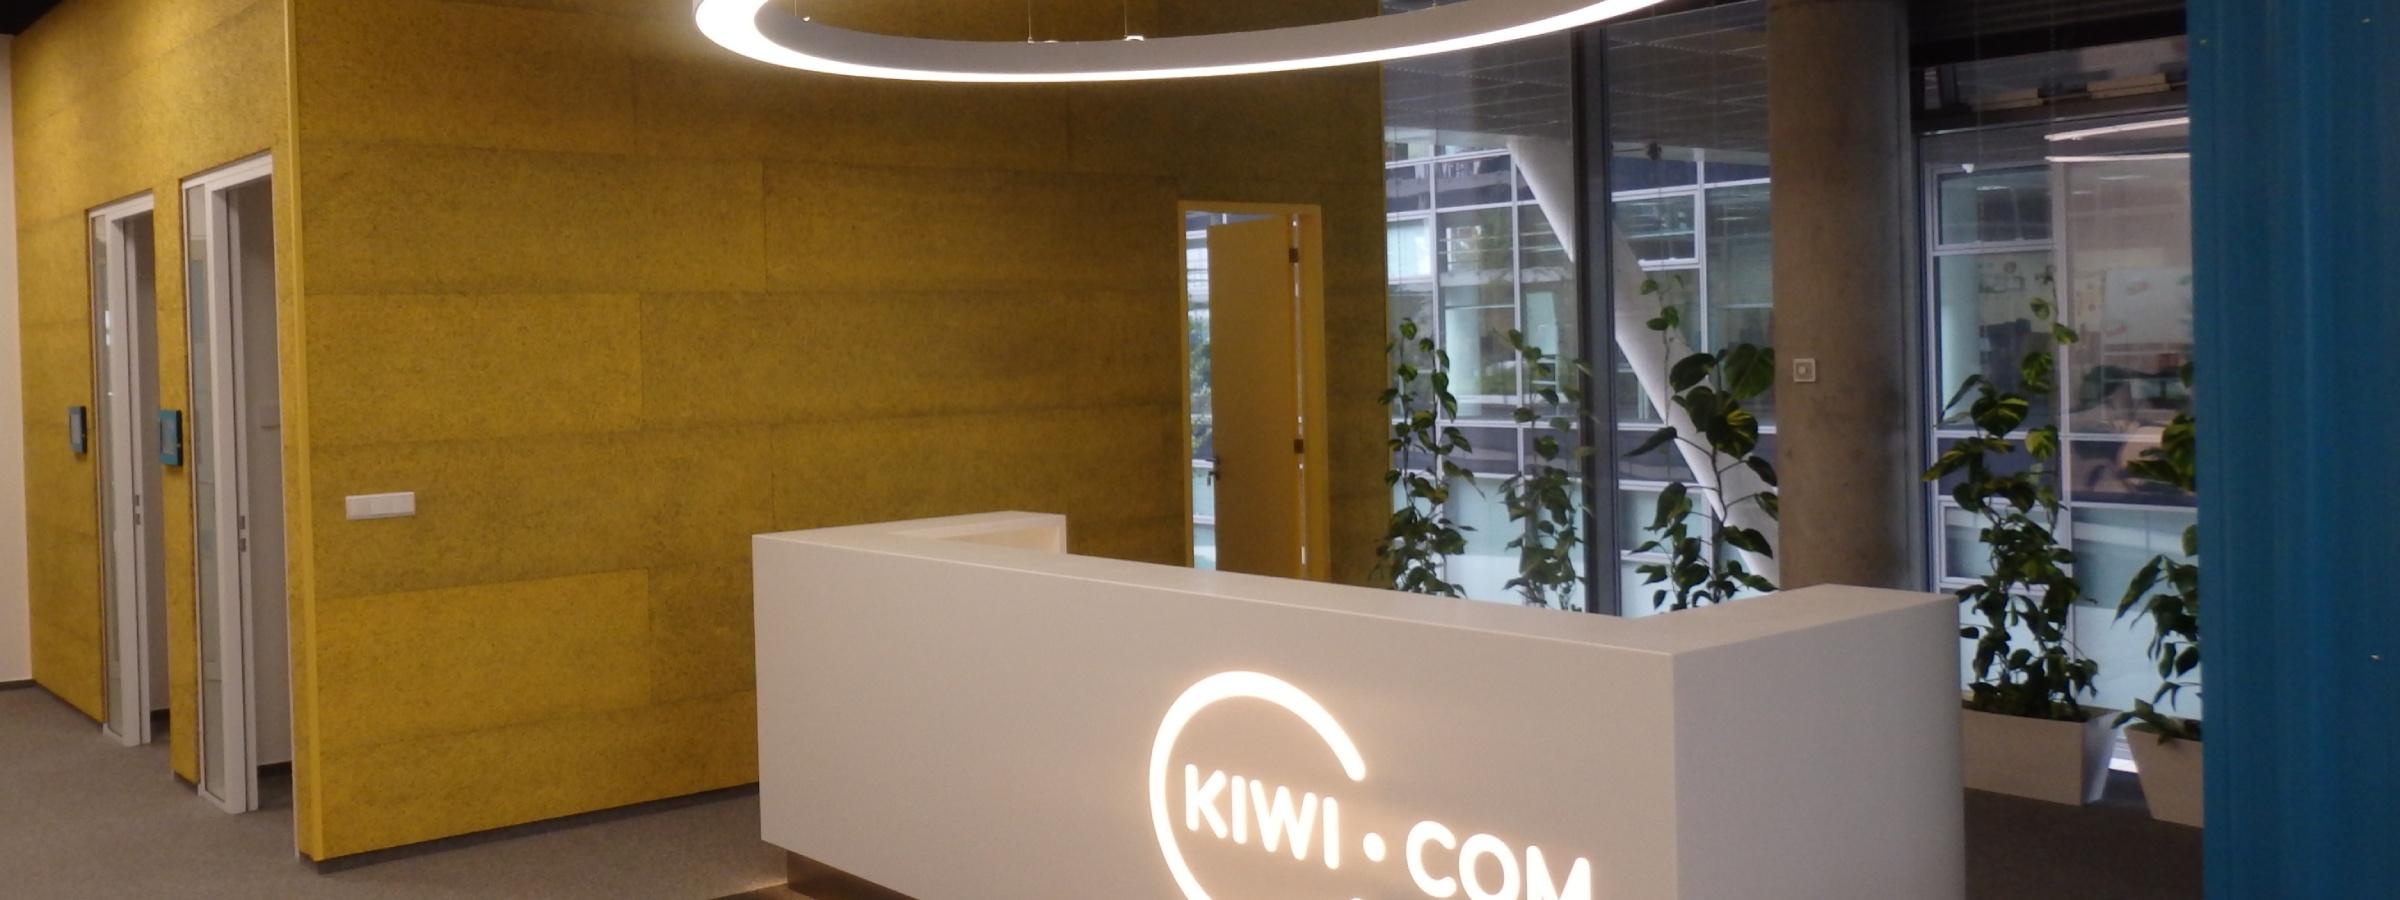 Vestavba kanceláří KIWI